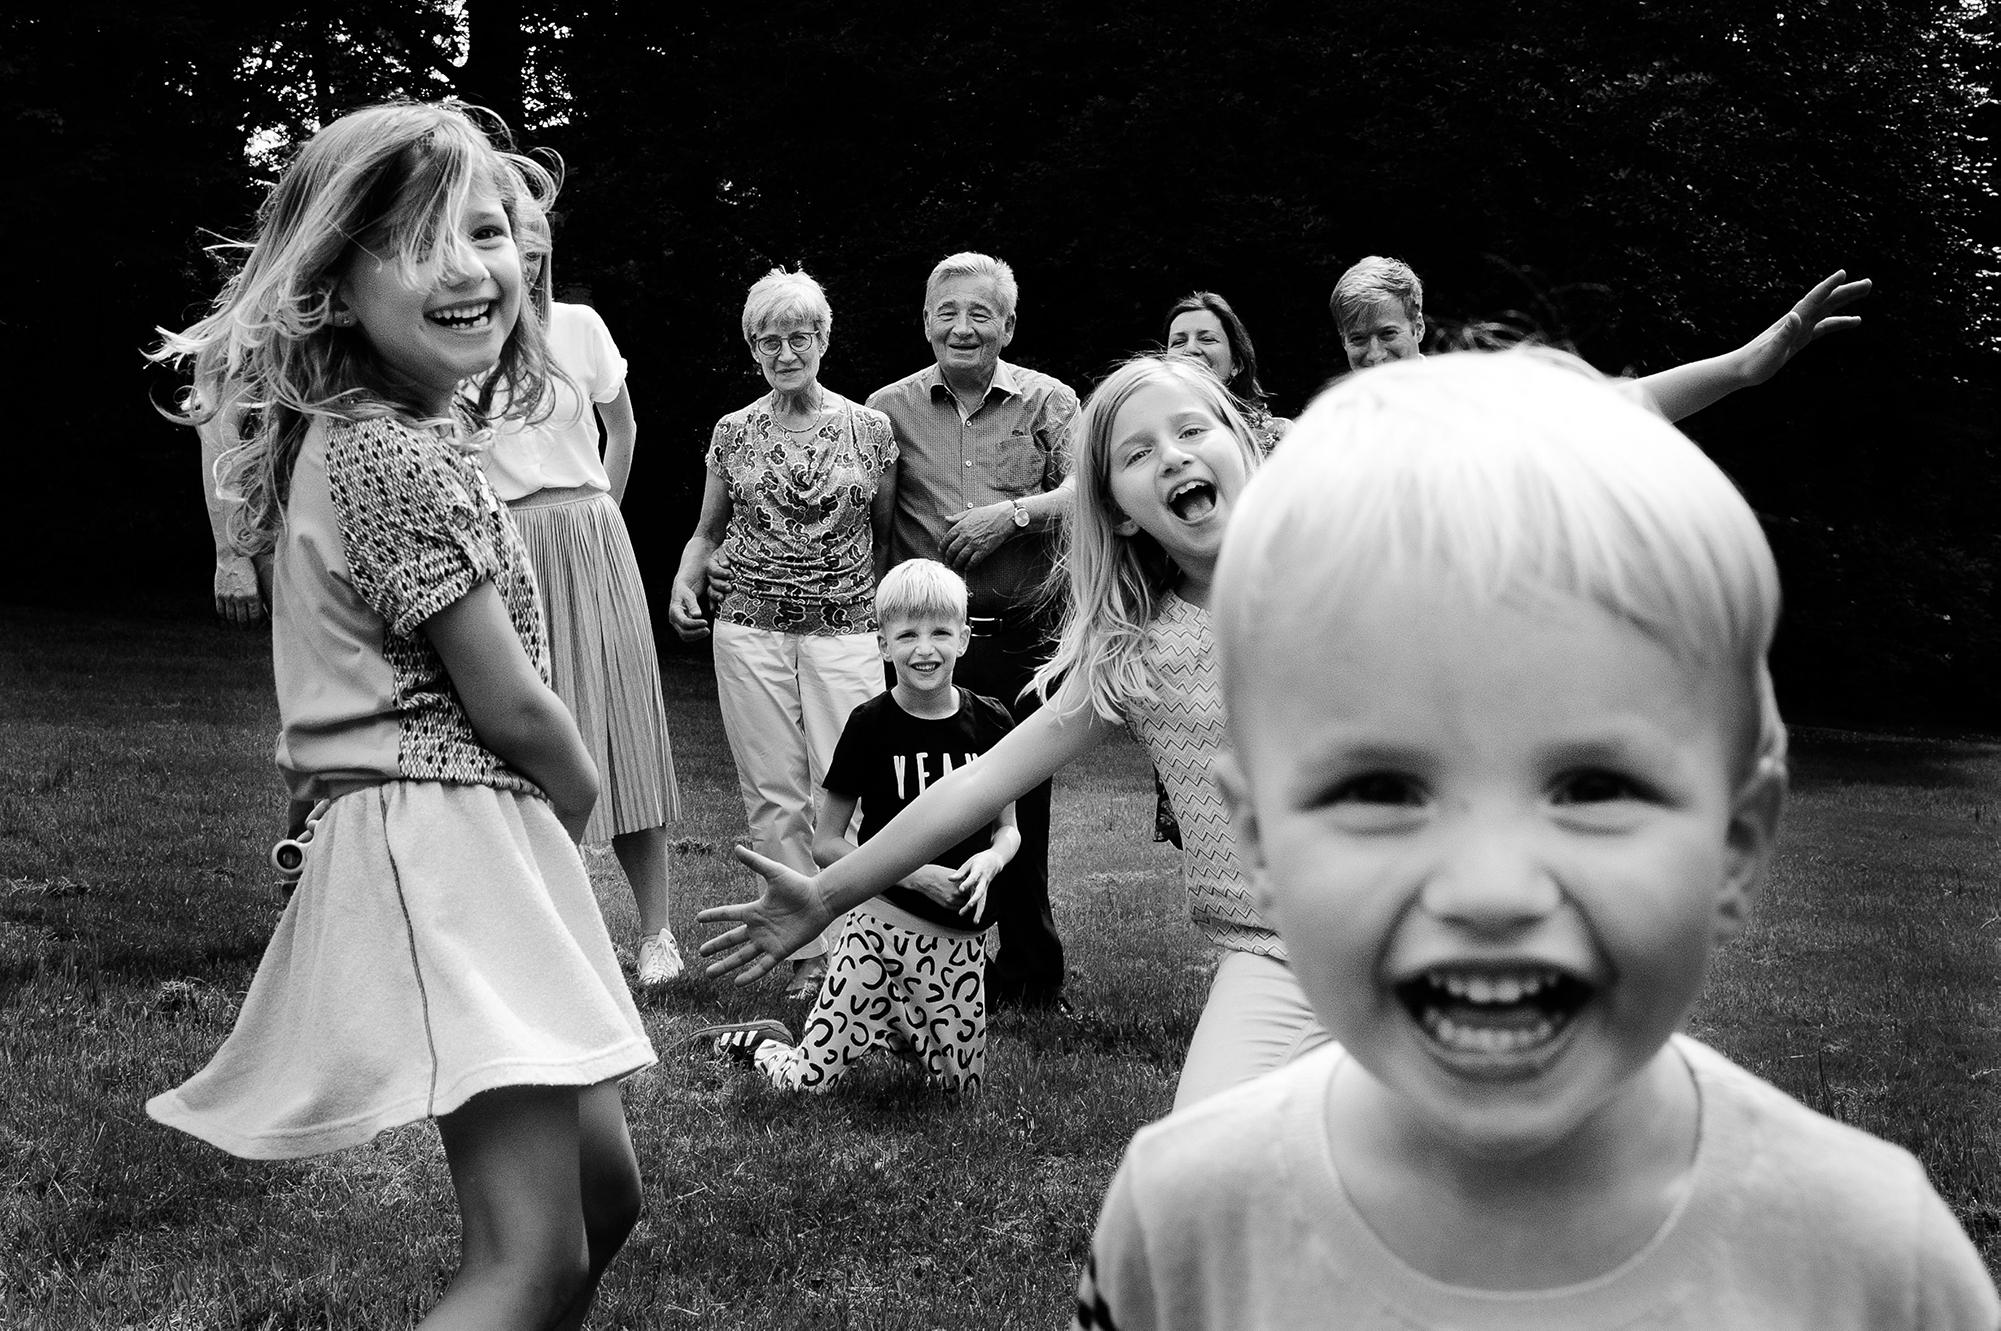 hele gezin met kleinzoontje voorop